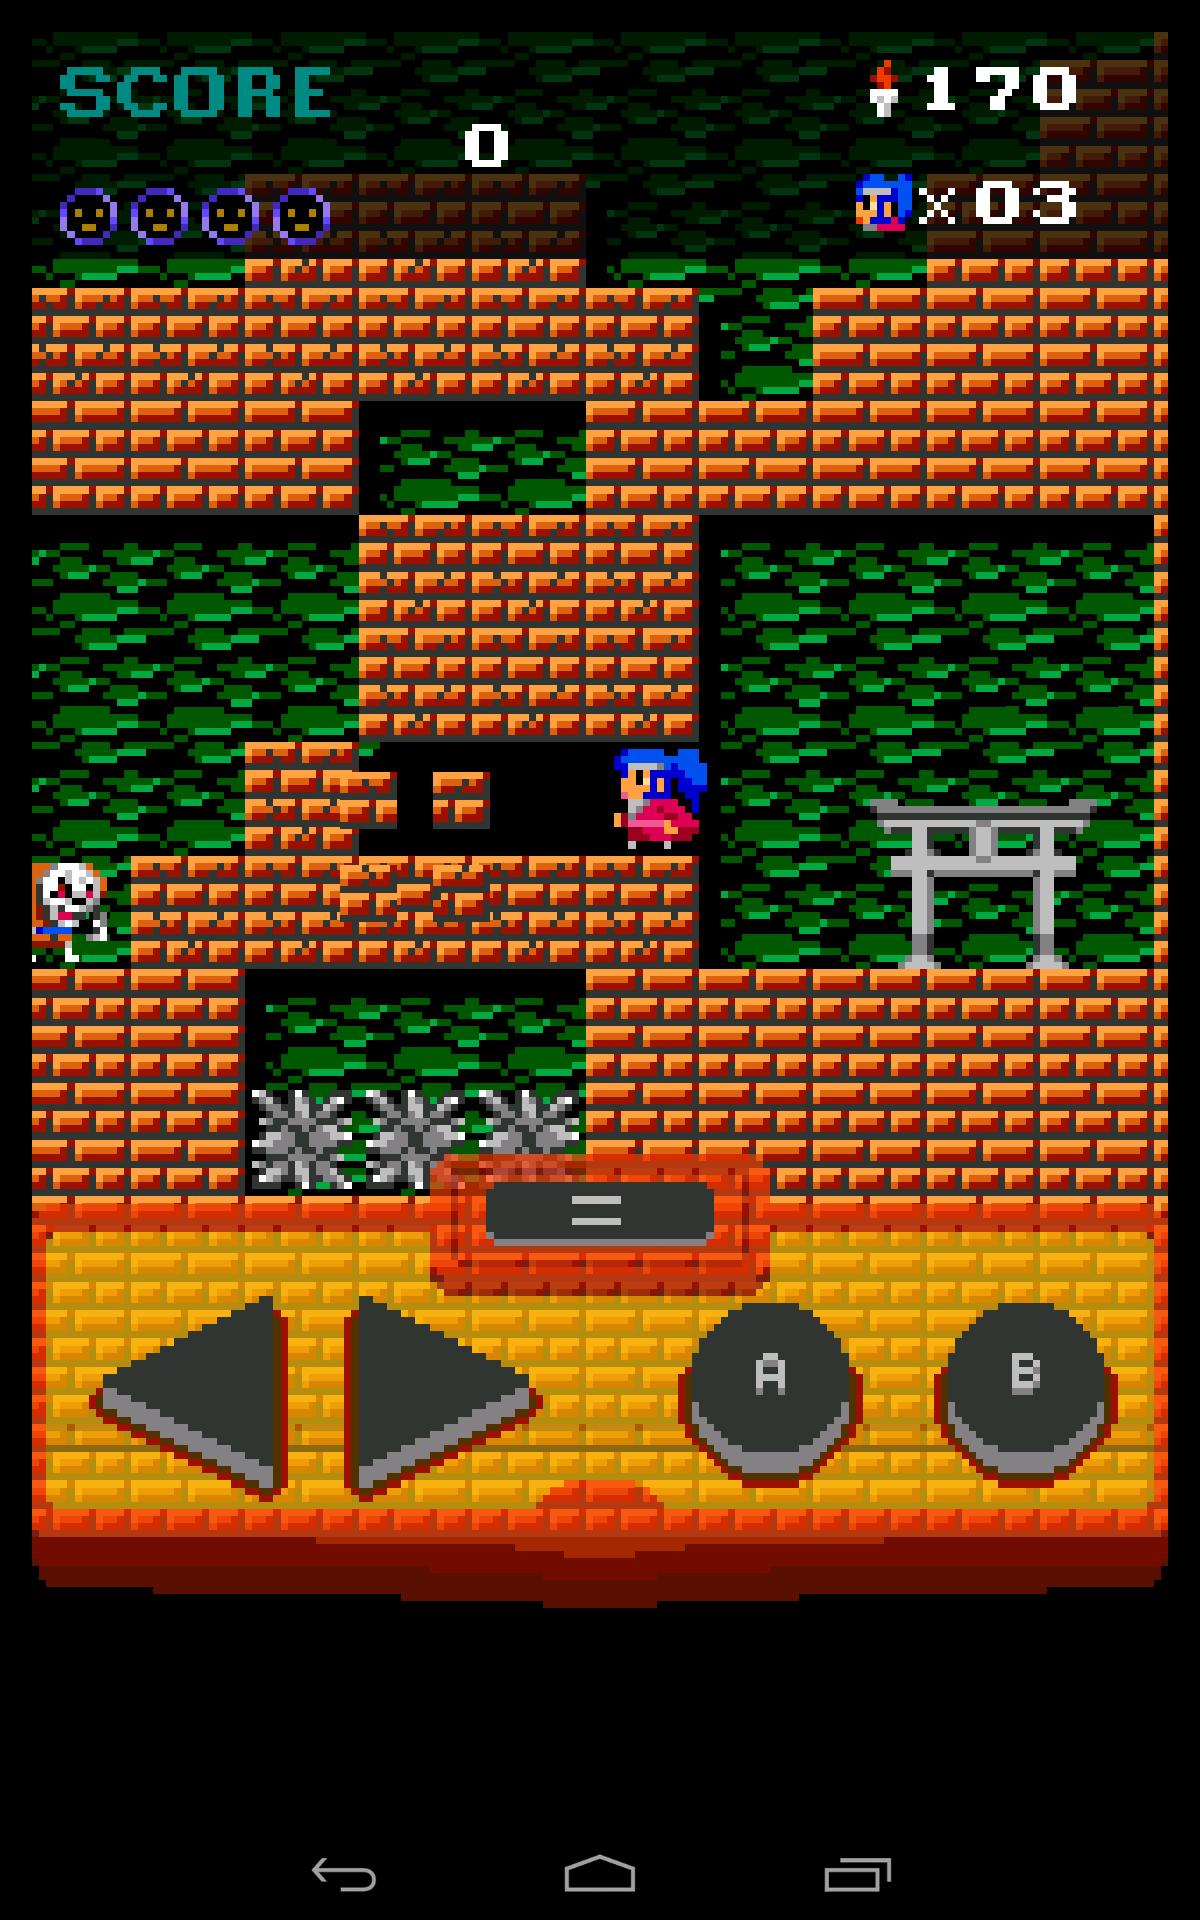 シノビちゃんゲーム画面